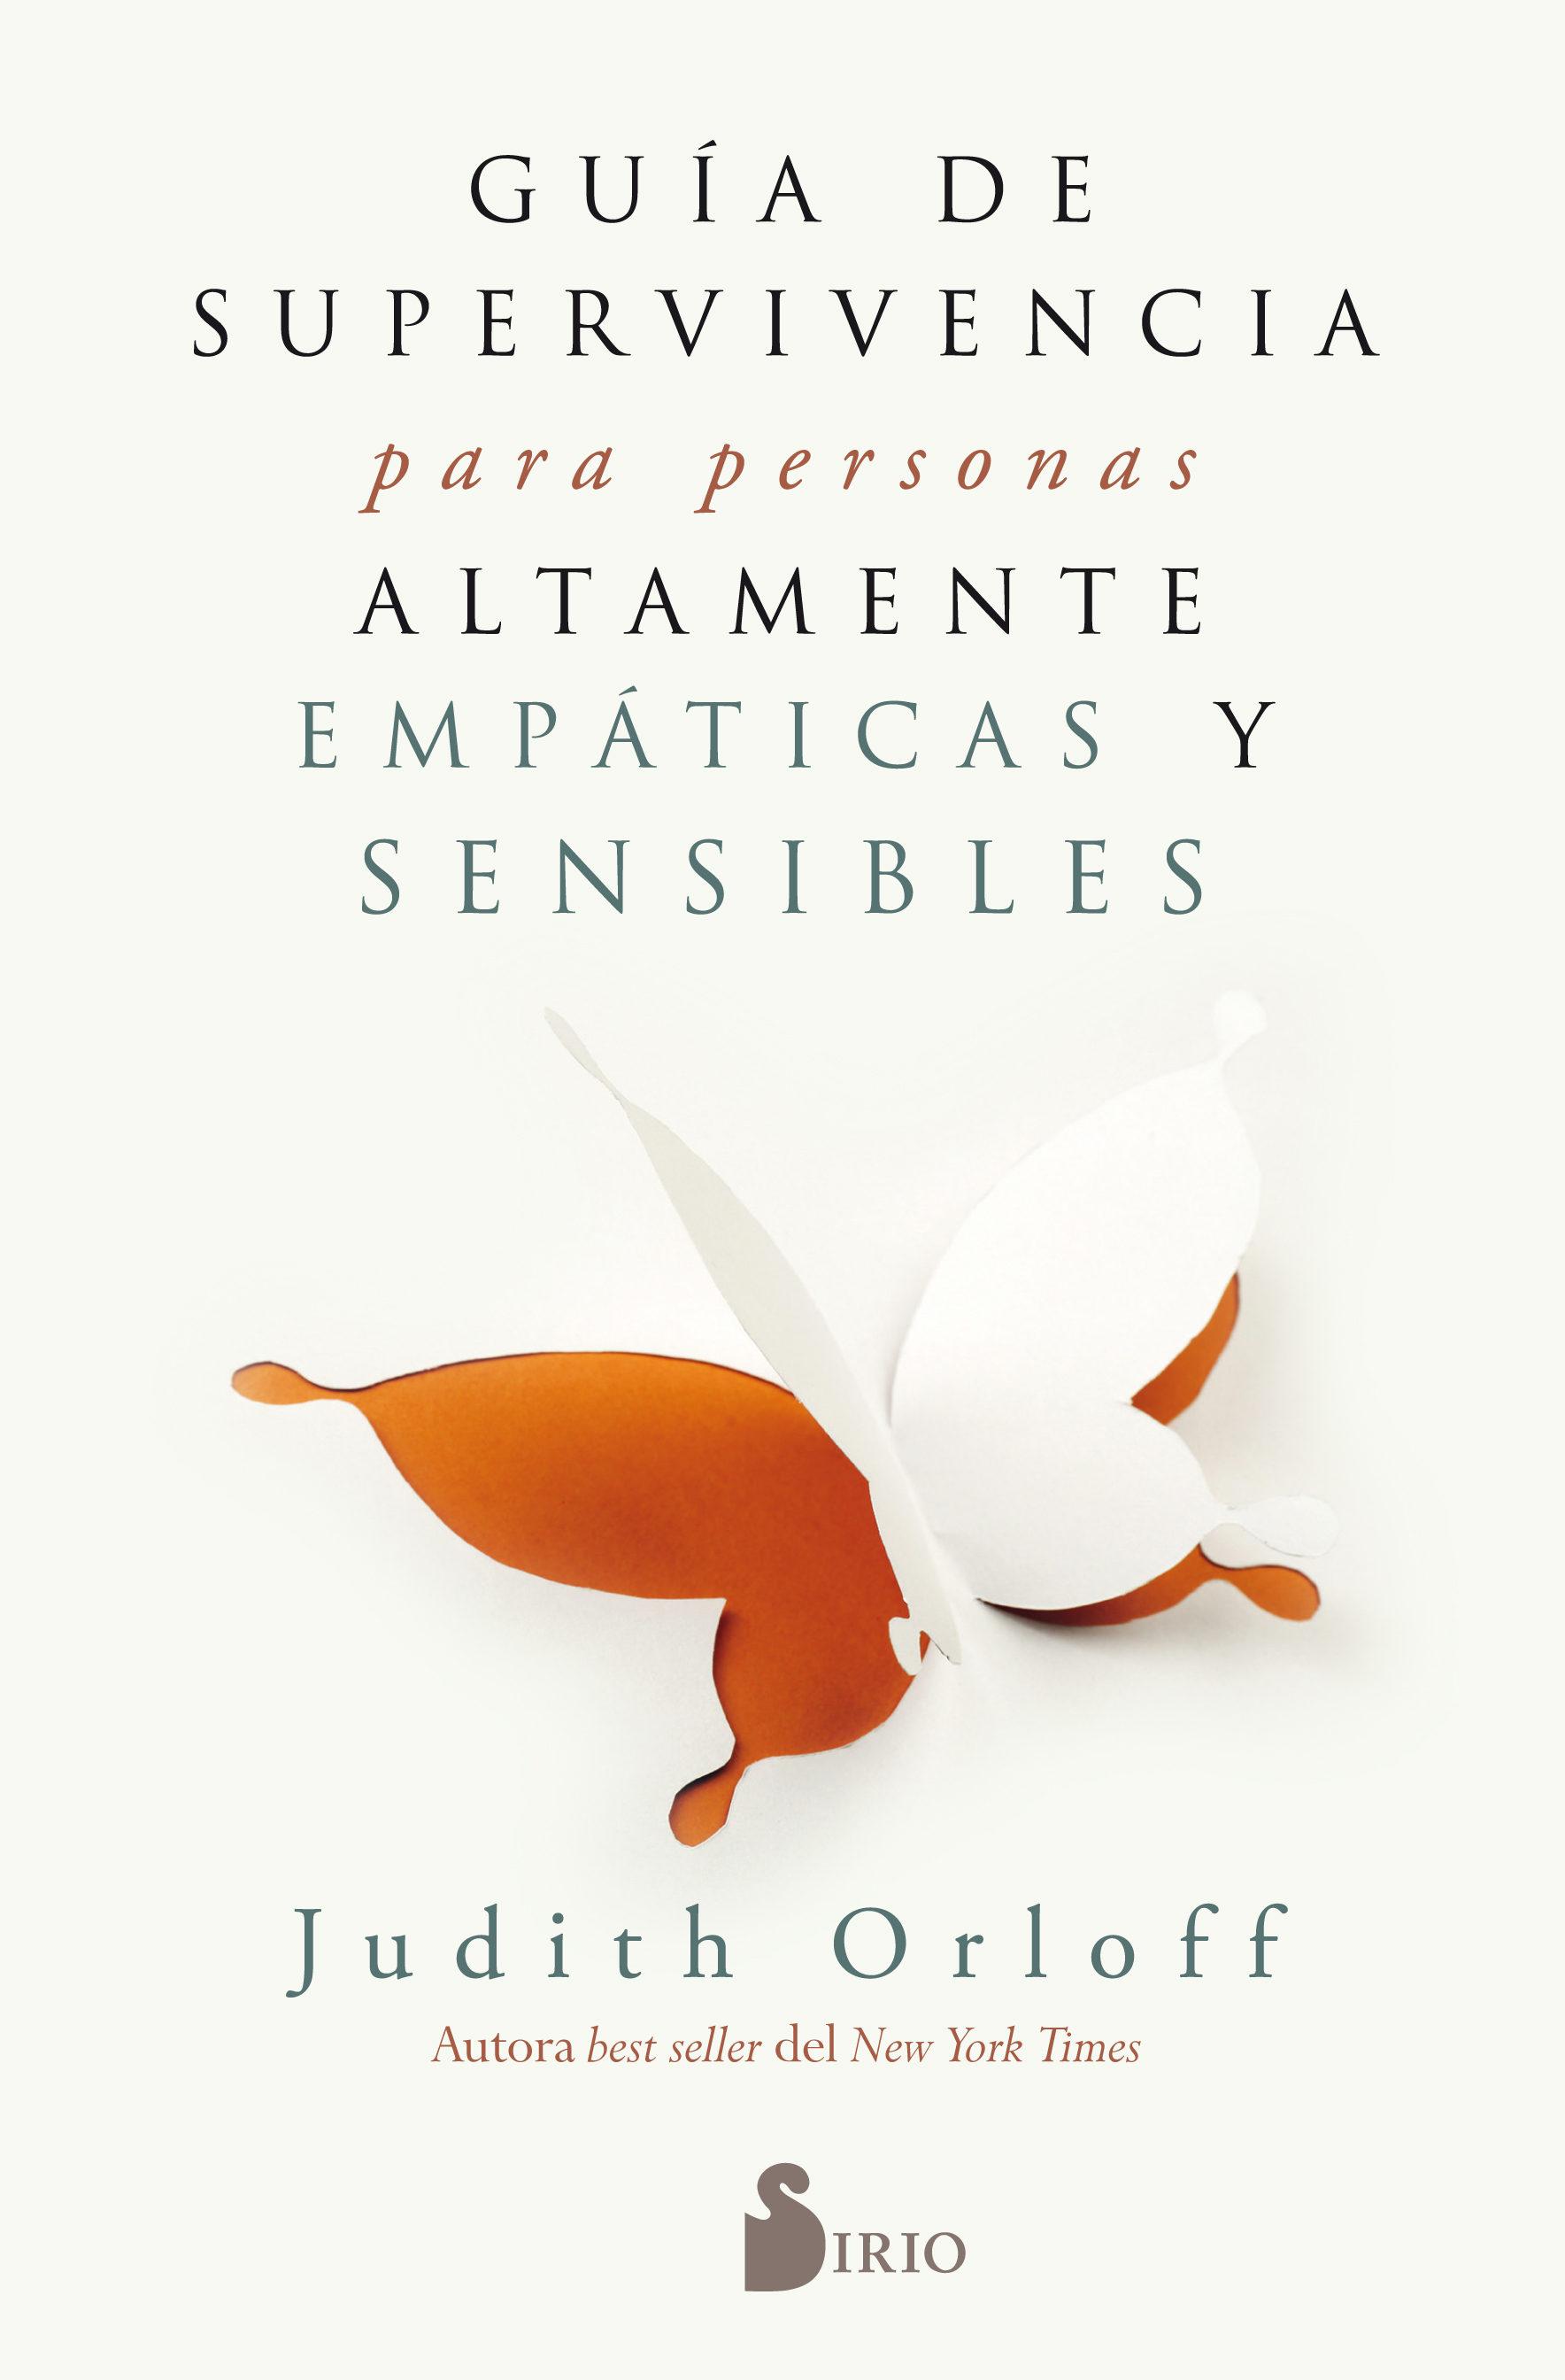 Guia De Supervivencia Para Personas Altamente Empaticas Y Sensibl Es por Judith Orloff